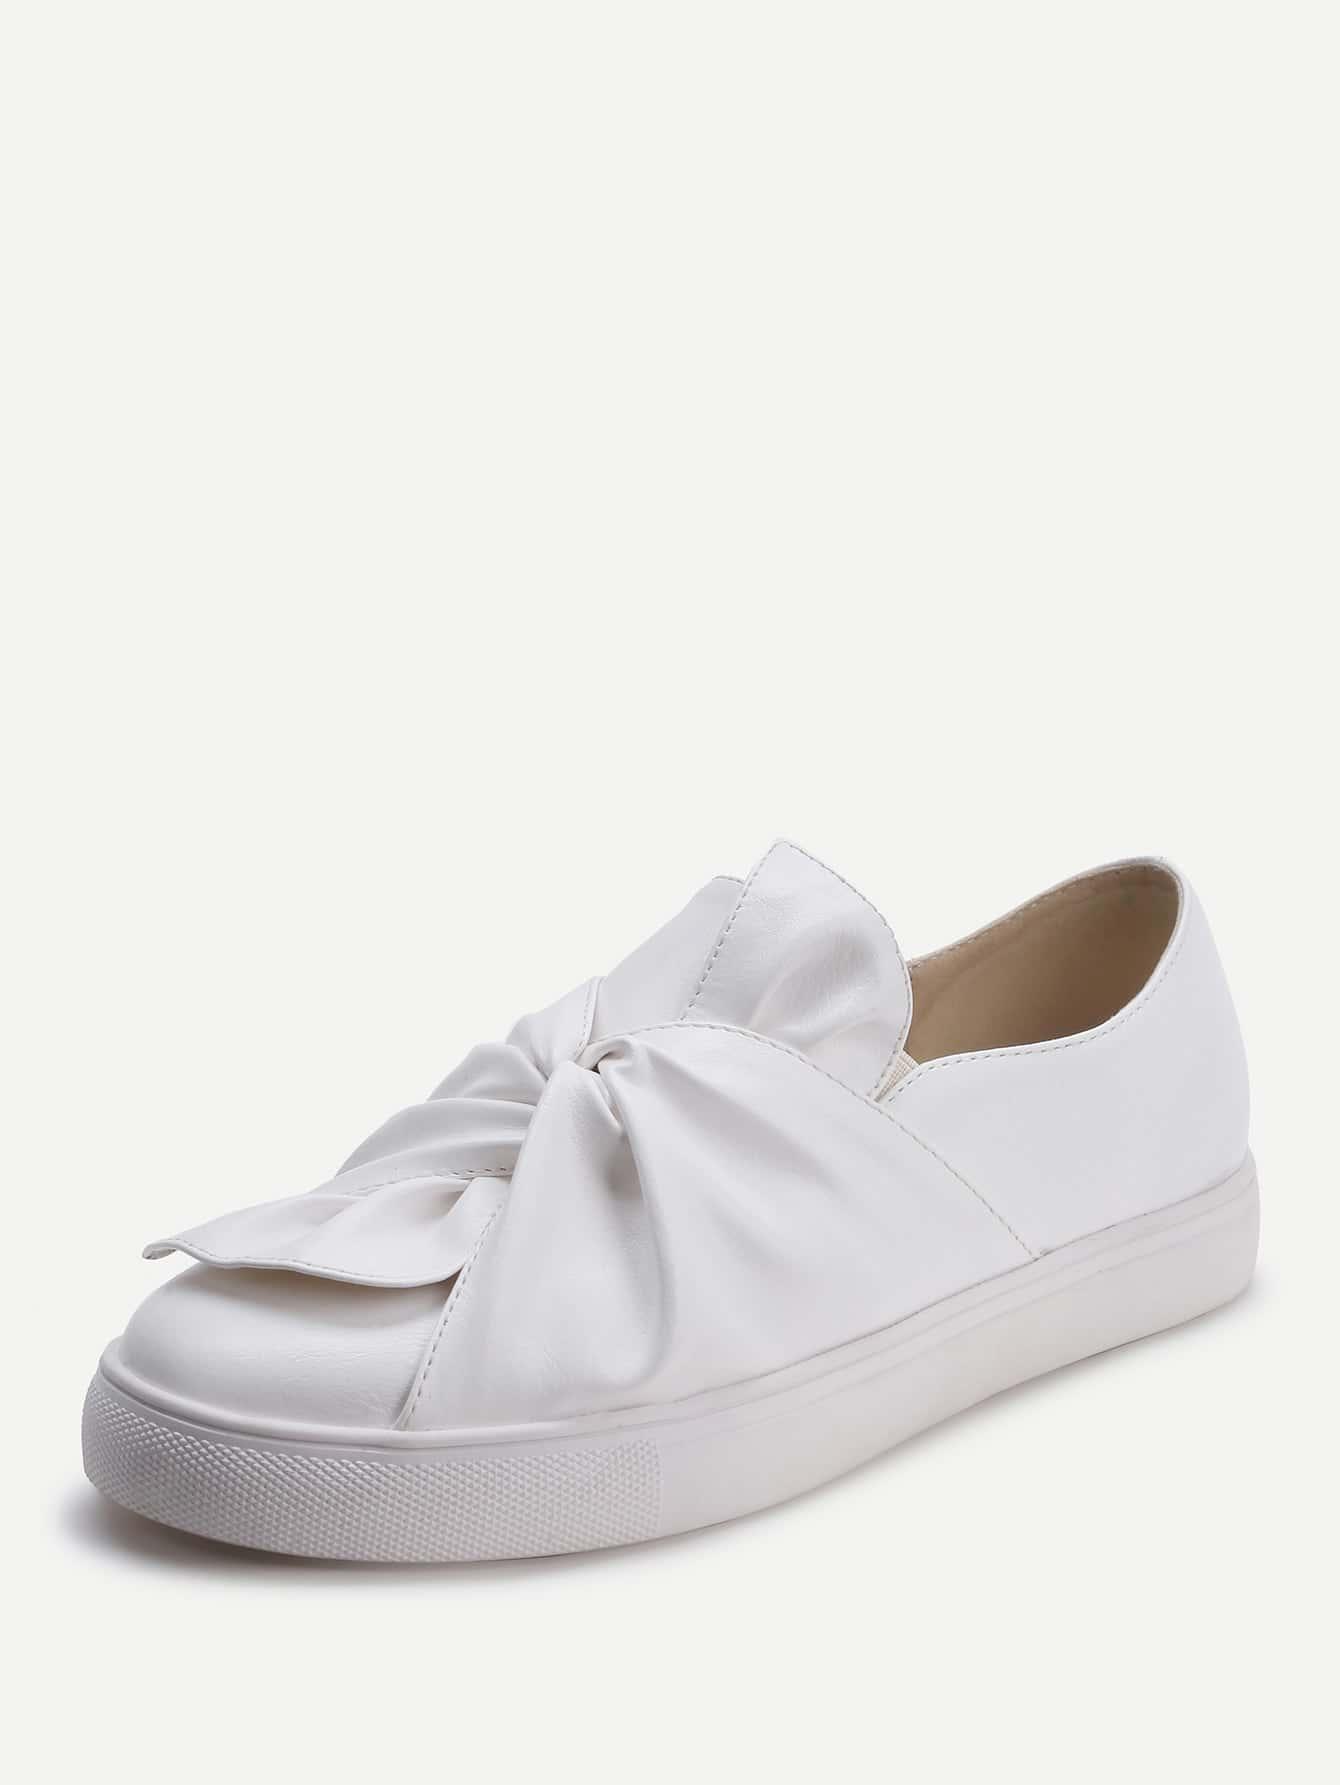 shoes170323816_2